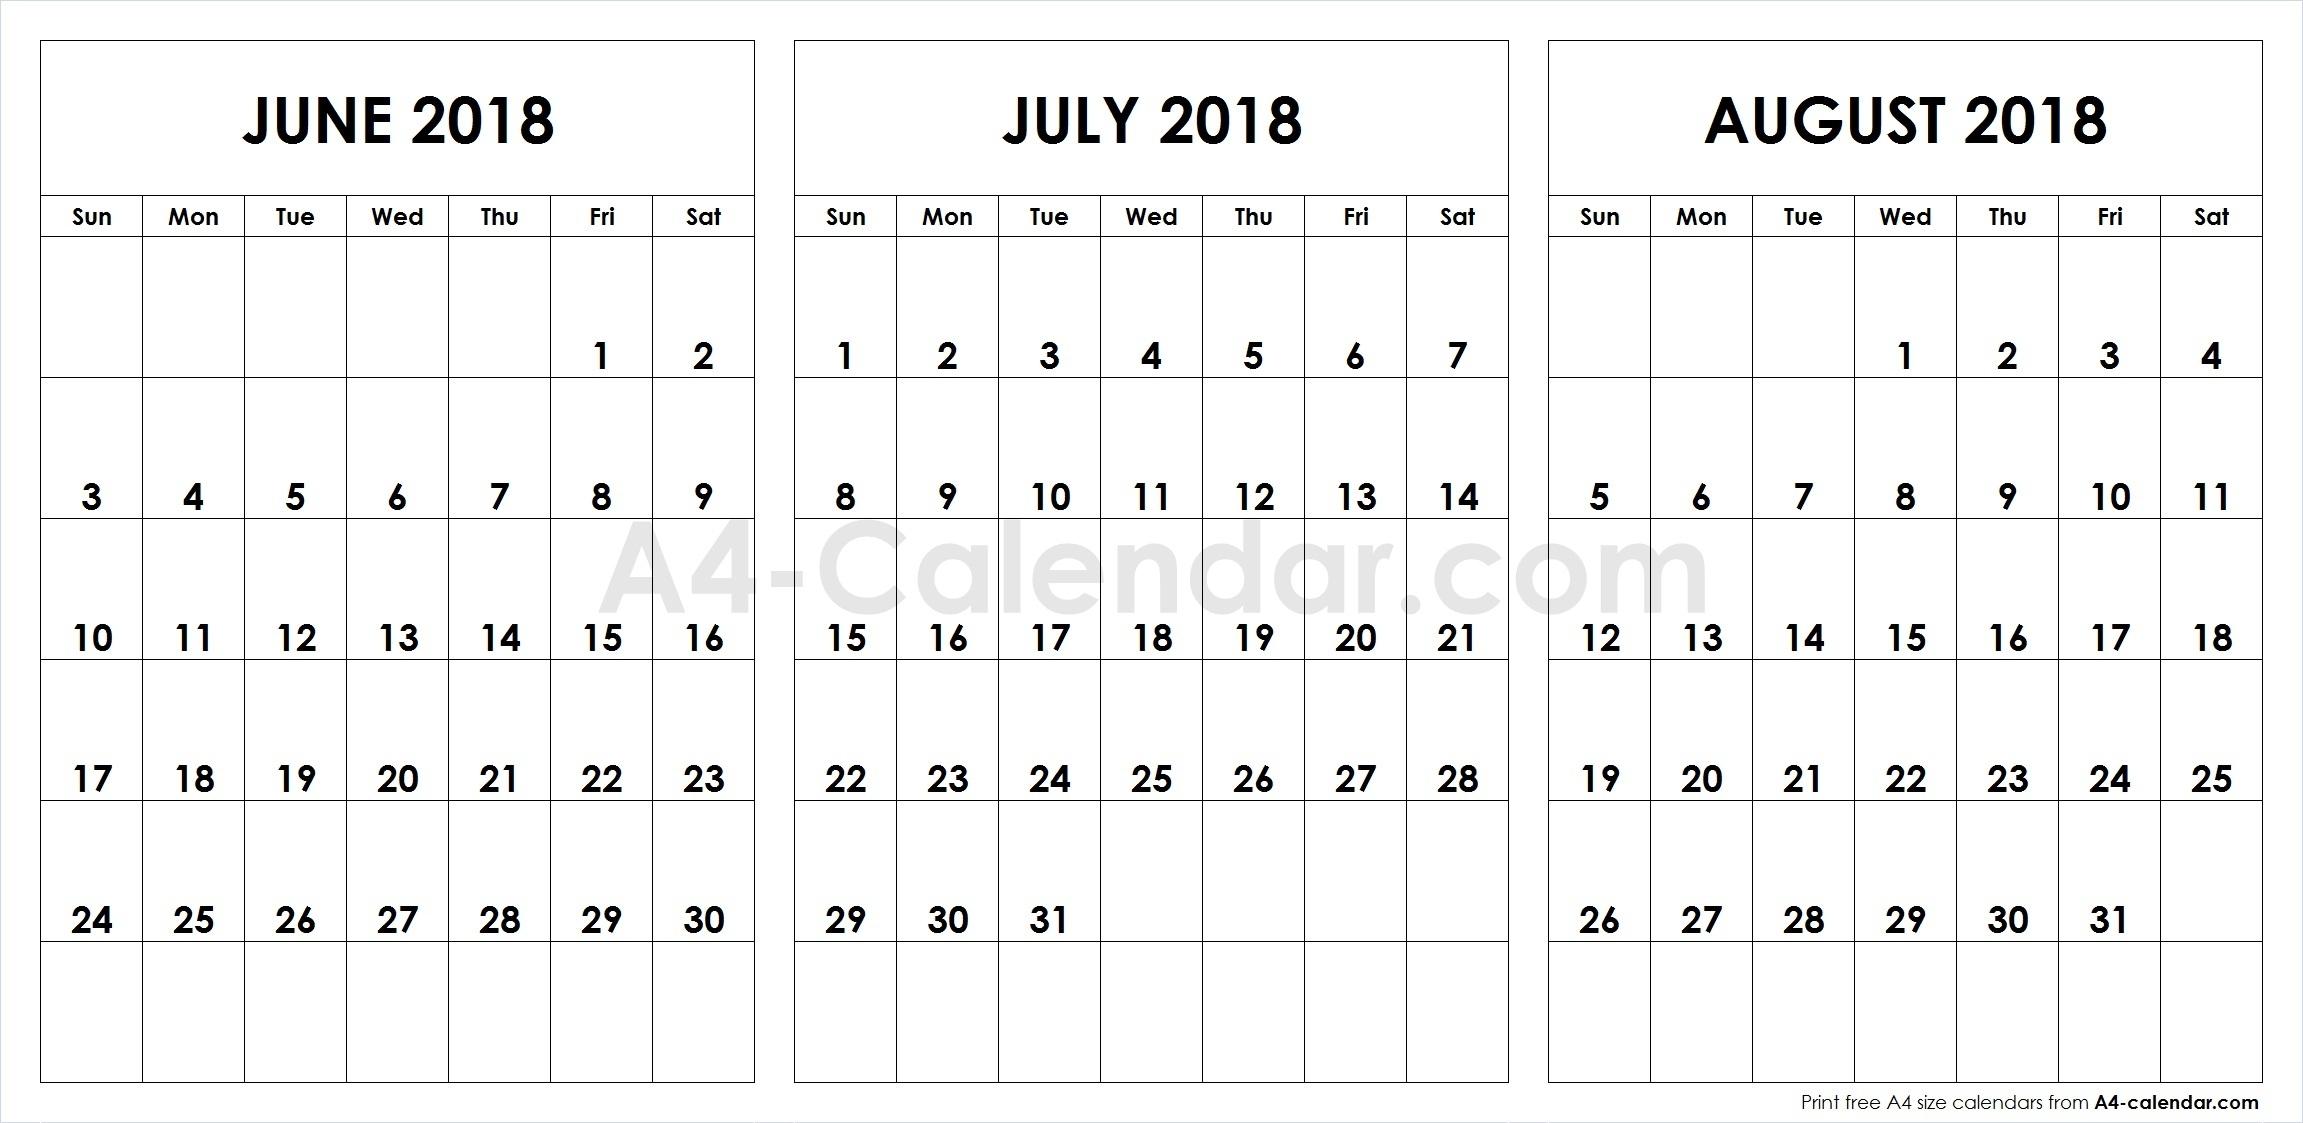 June July August 2018 A4 Calendar 3 Month Calendar Template3abry